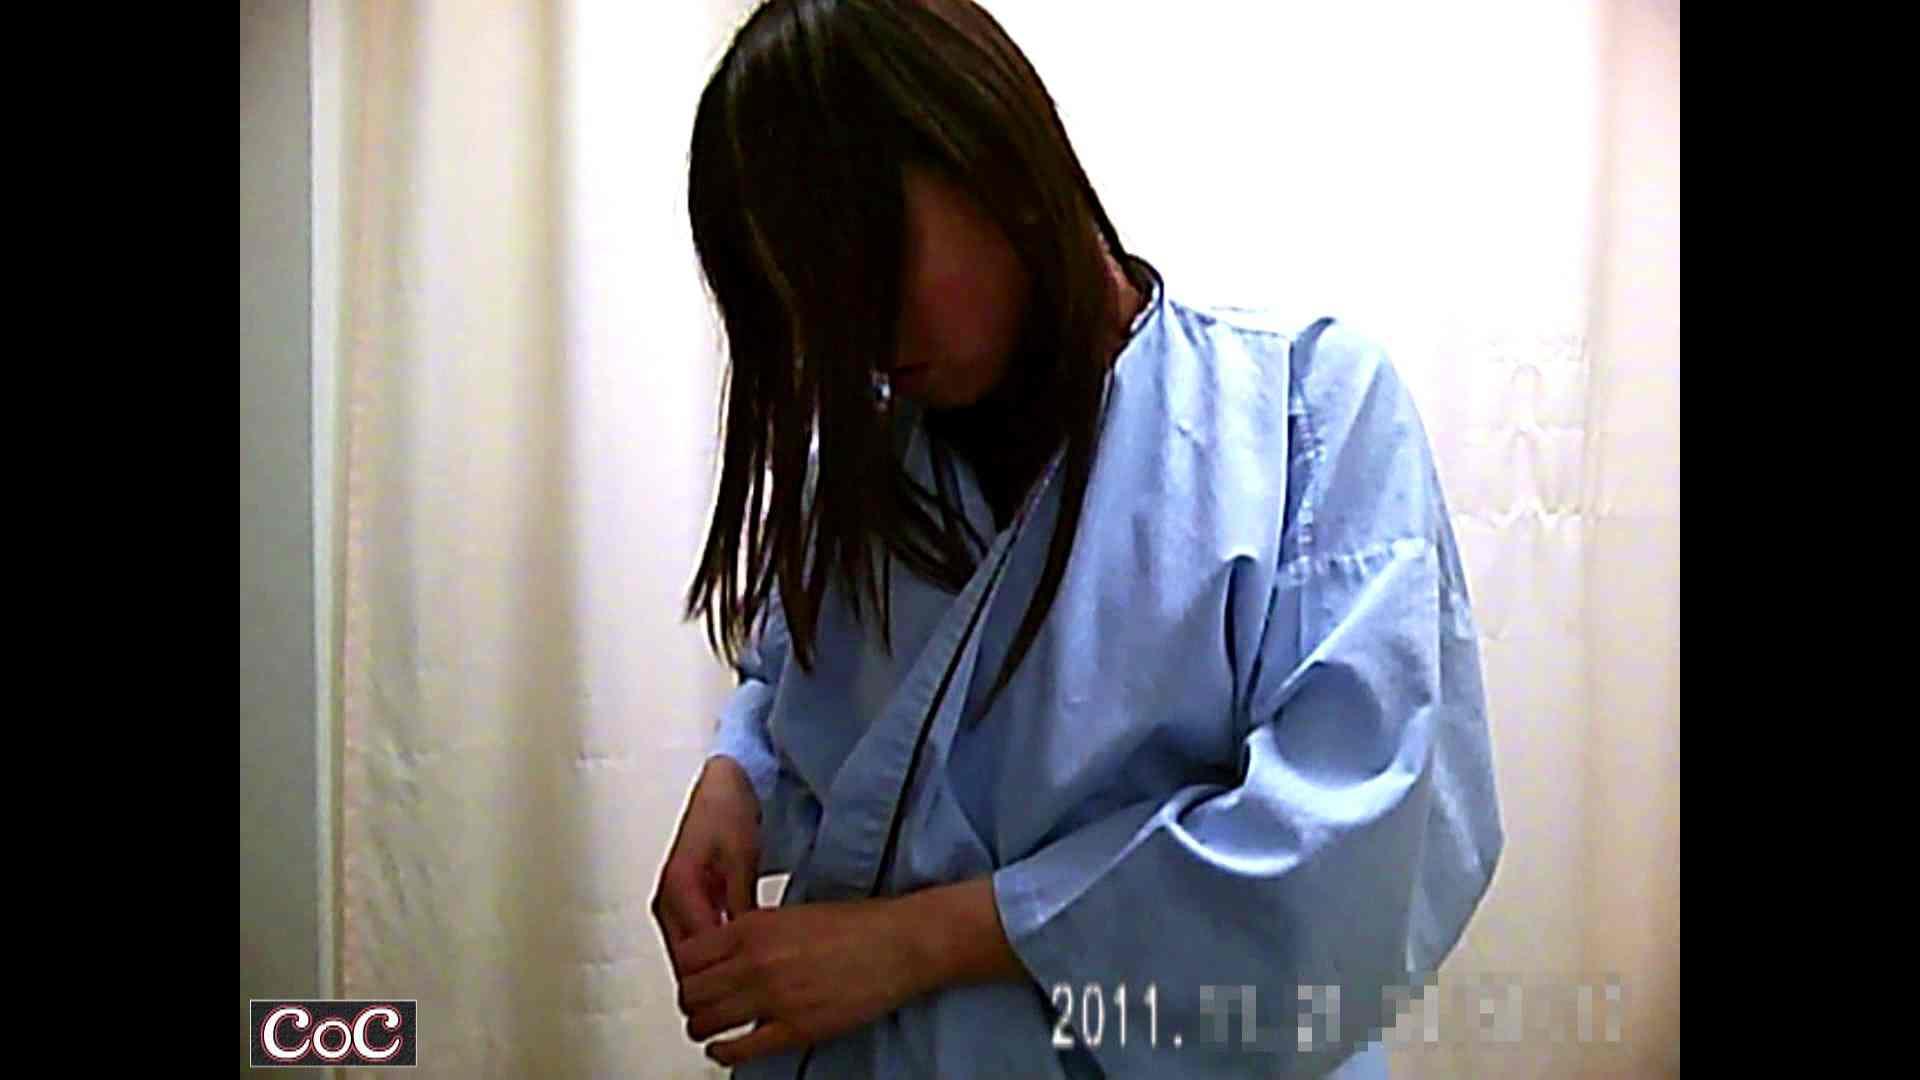 元医者による反抗 更衣室地獄絵巻 vol.198 OLの実態  97pic 8